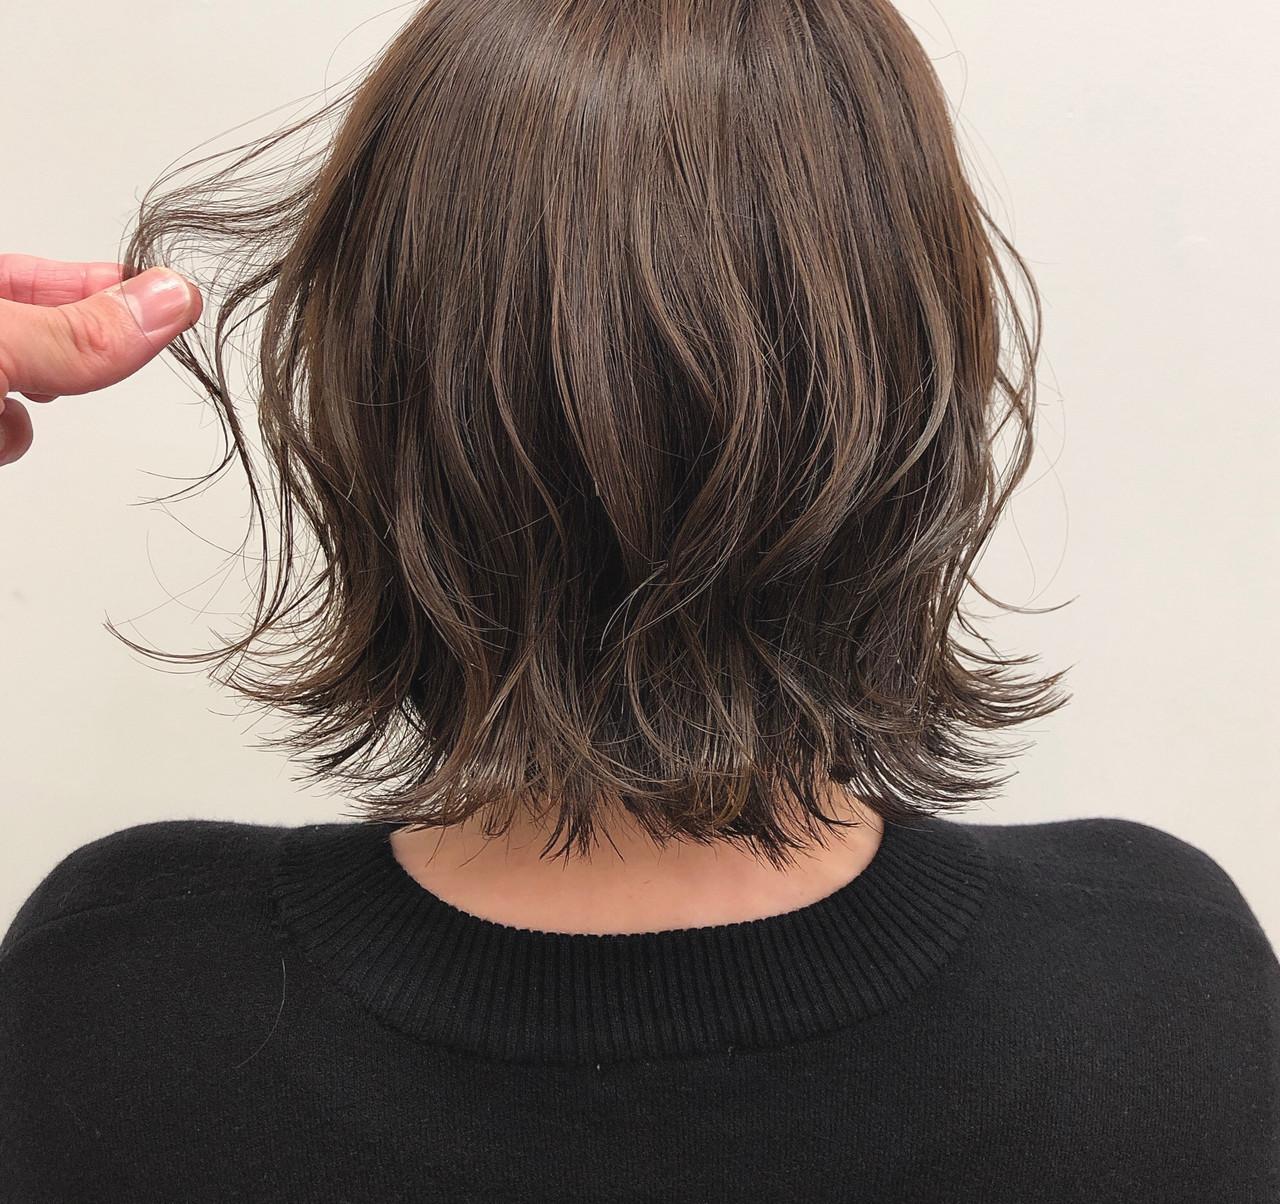 外ハネボブ ナチュラル ゆる巻き 切りっぱなしボブ ヘアスタイルや髪型の写真・画像